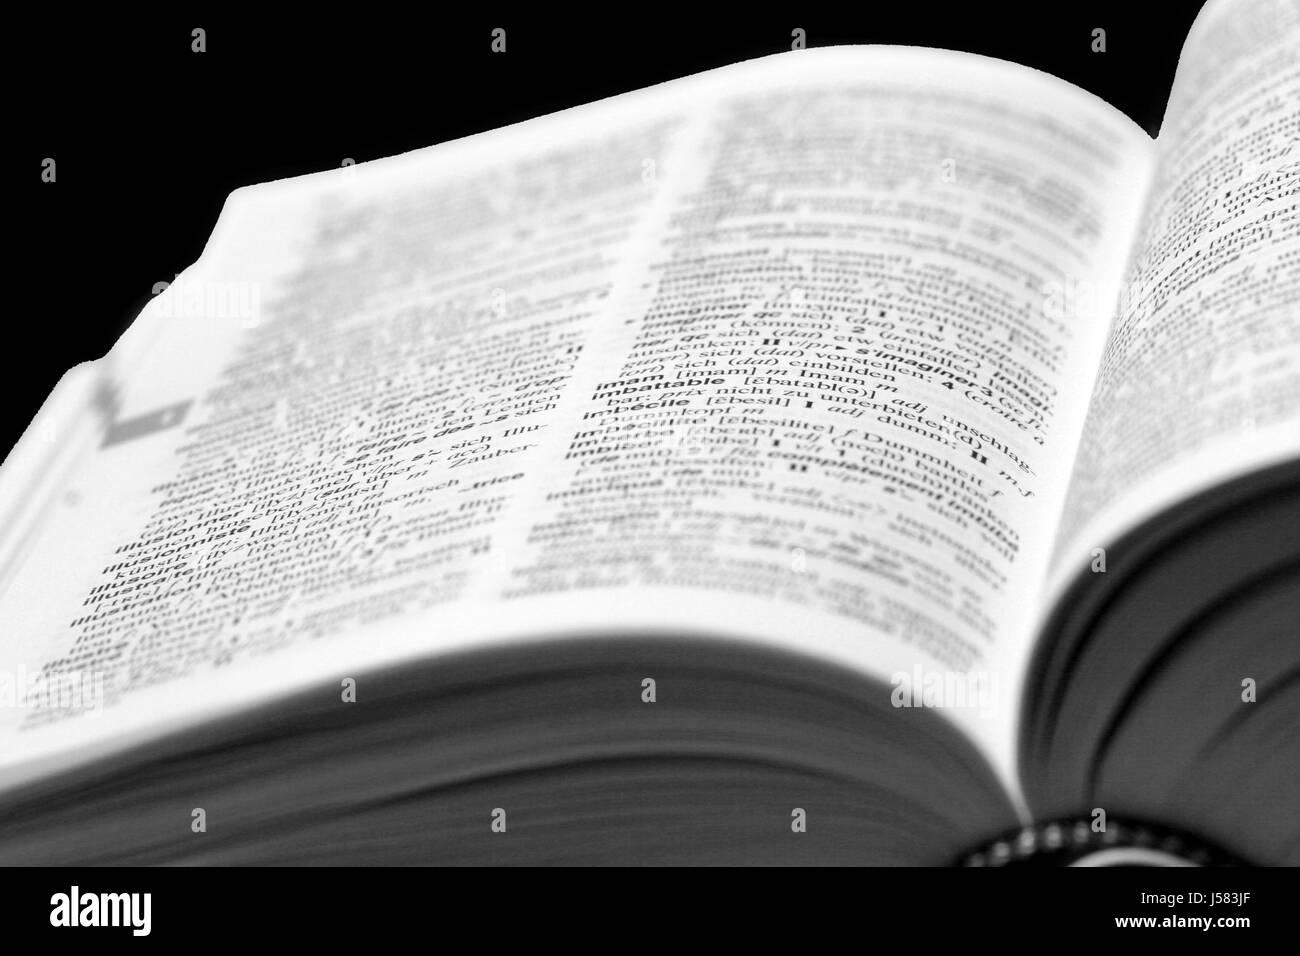 Scrittura lessicale font tipografici dizionario tedesco lingue di trasmissione Immagini Stock